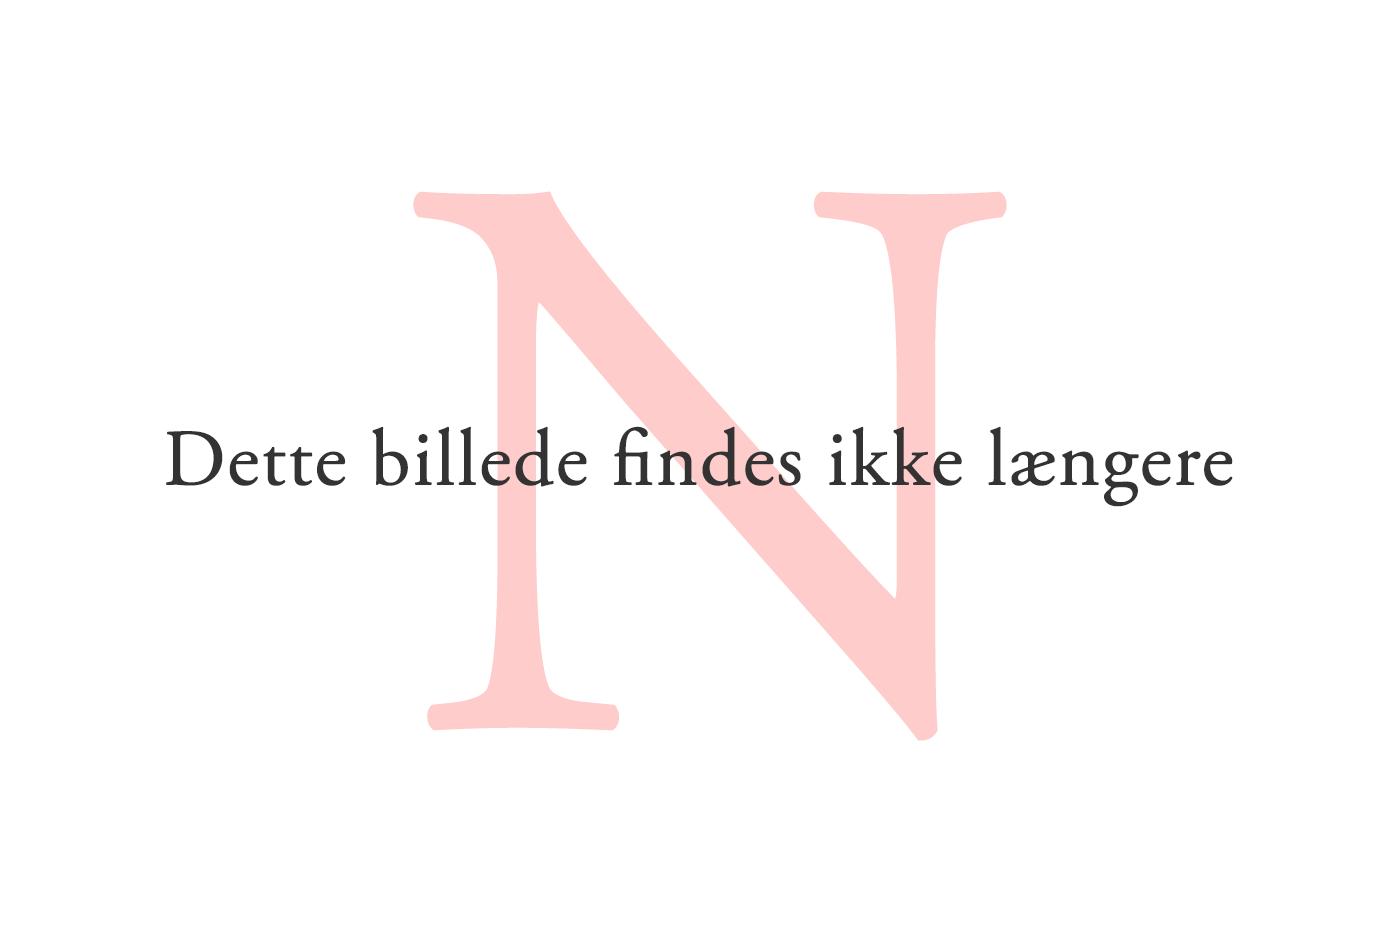 Fuldkorn, kampagne, Mathias Lanka Jørgensen, reklame